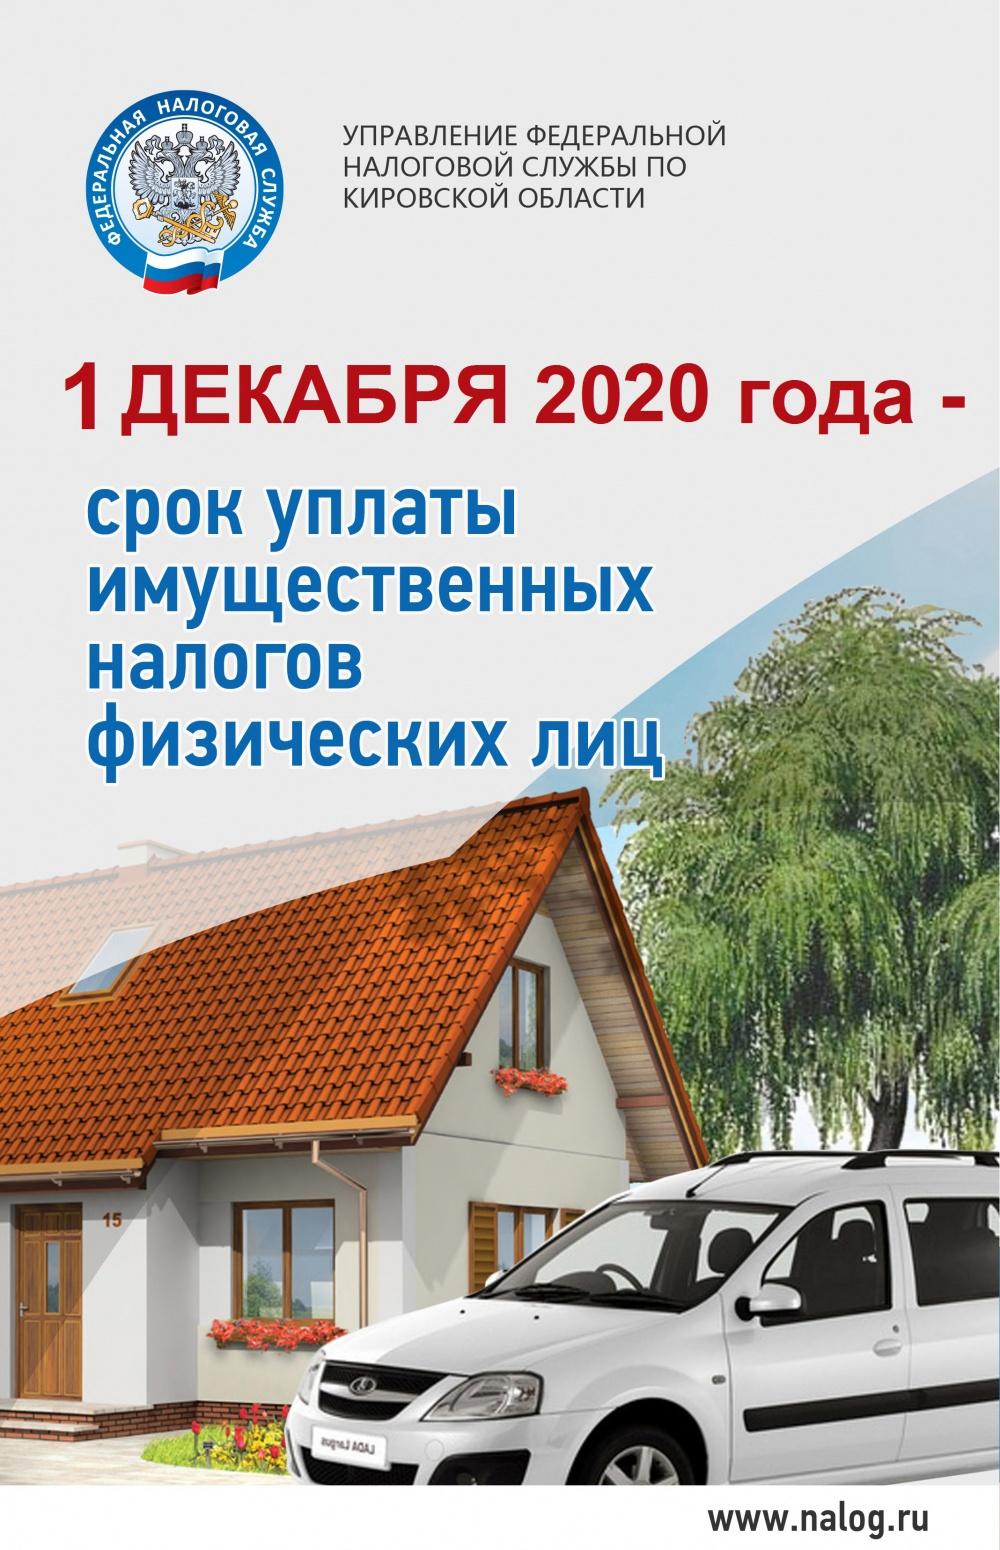 1 декабря 2020 - срок уплаты имущественных налогов физических лиц.